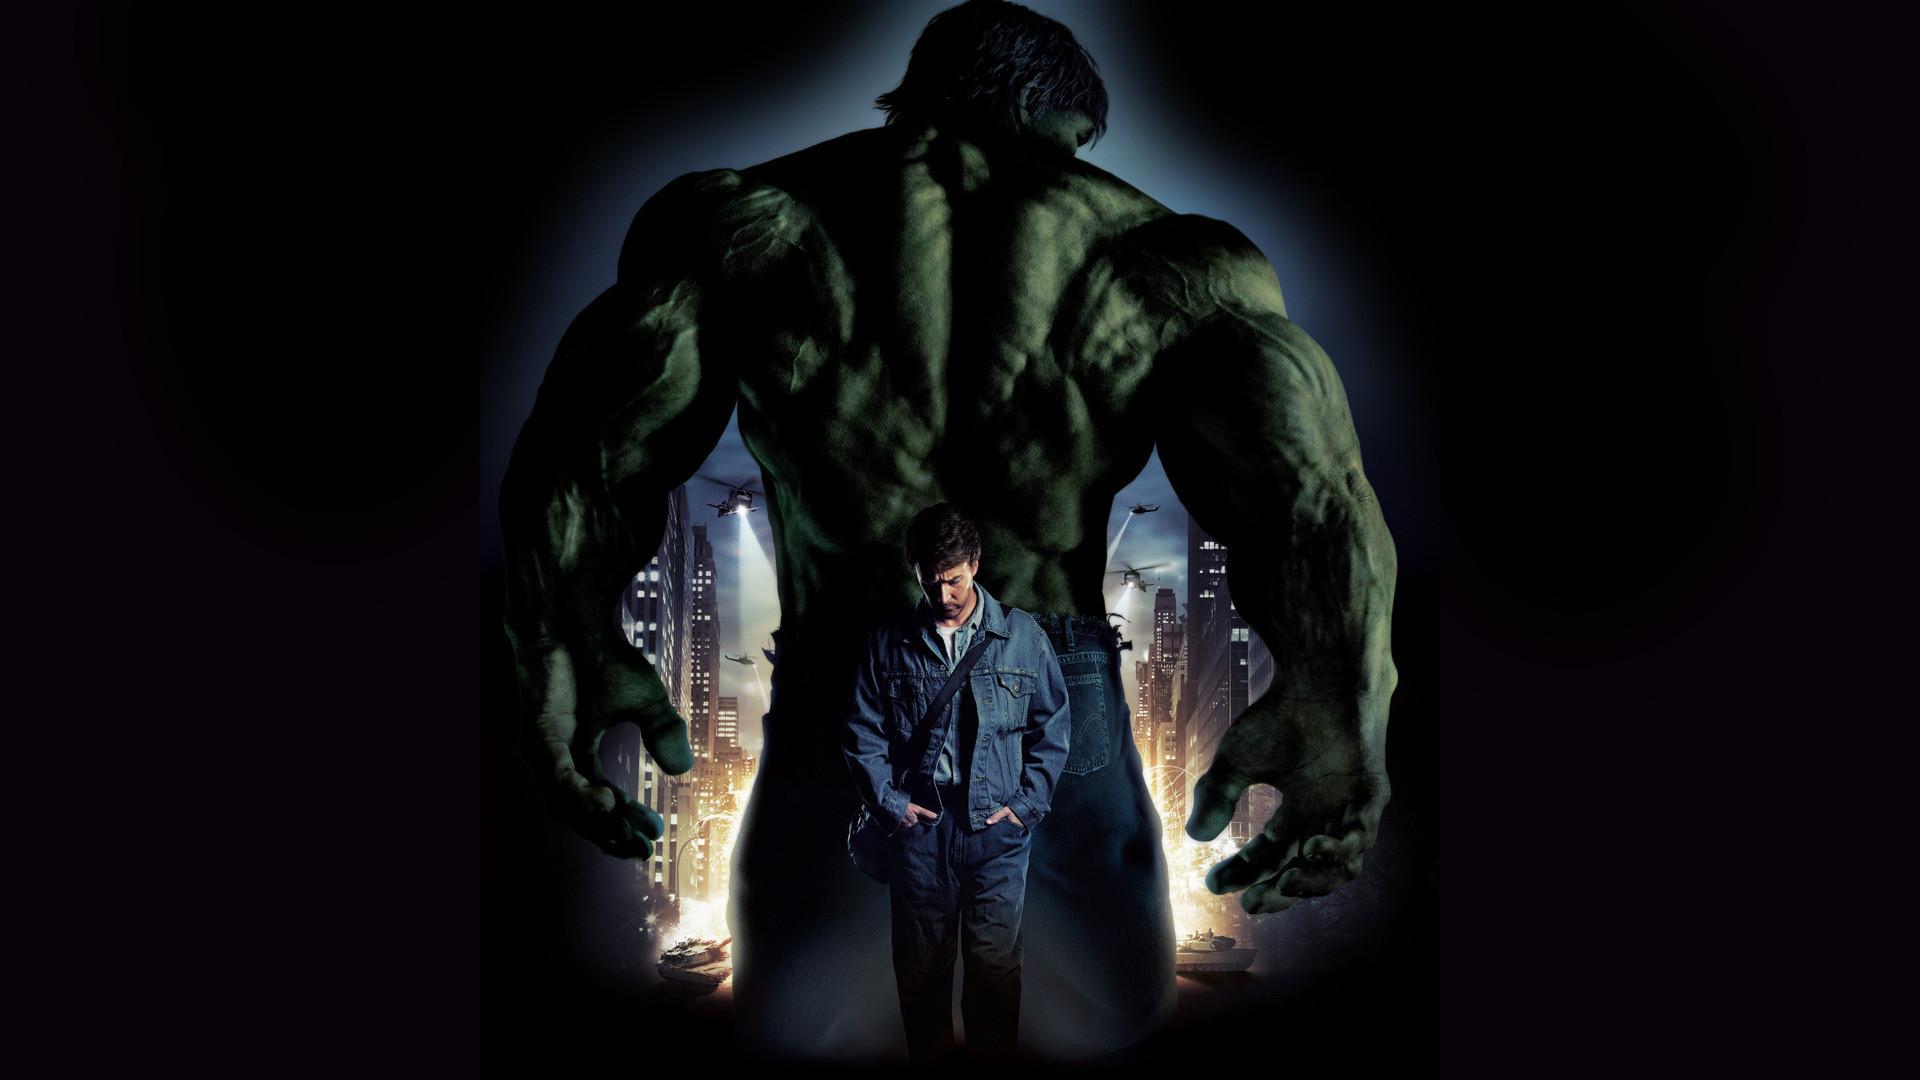 hulk smash wallpaper